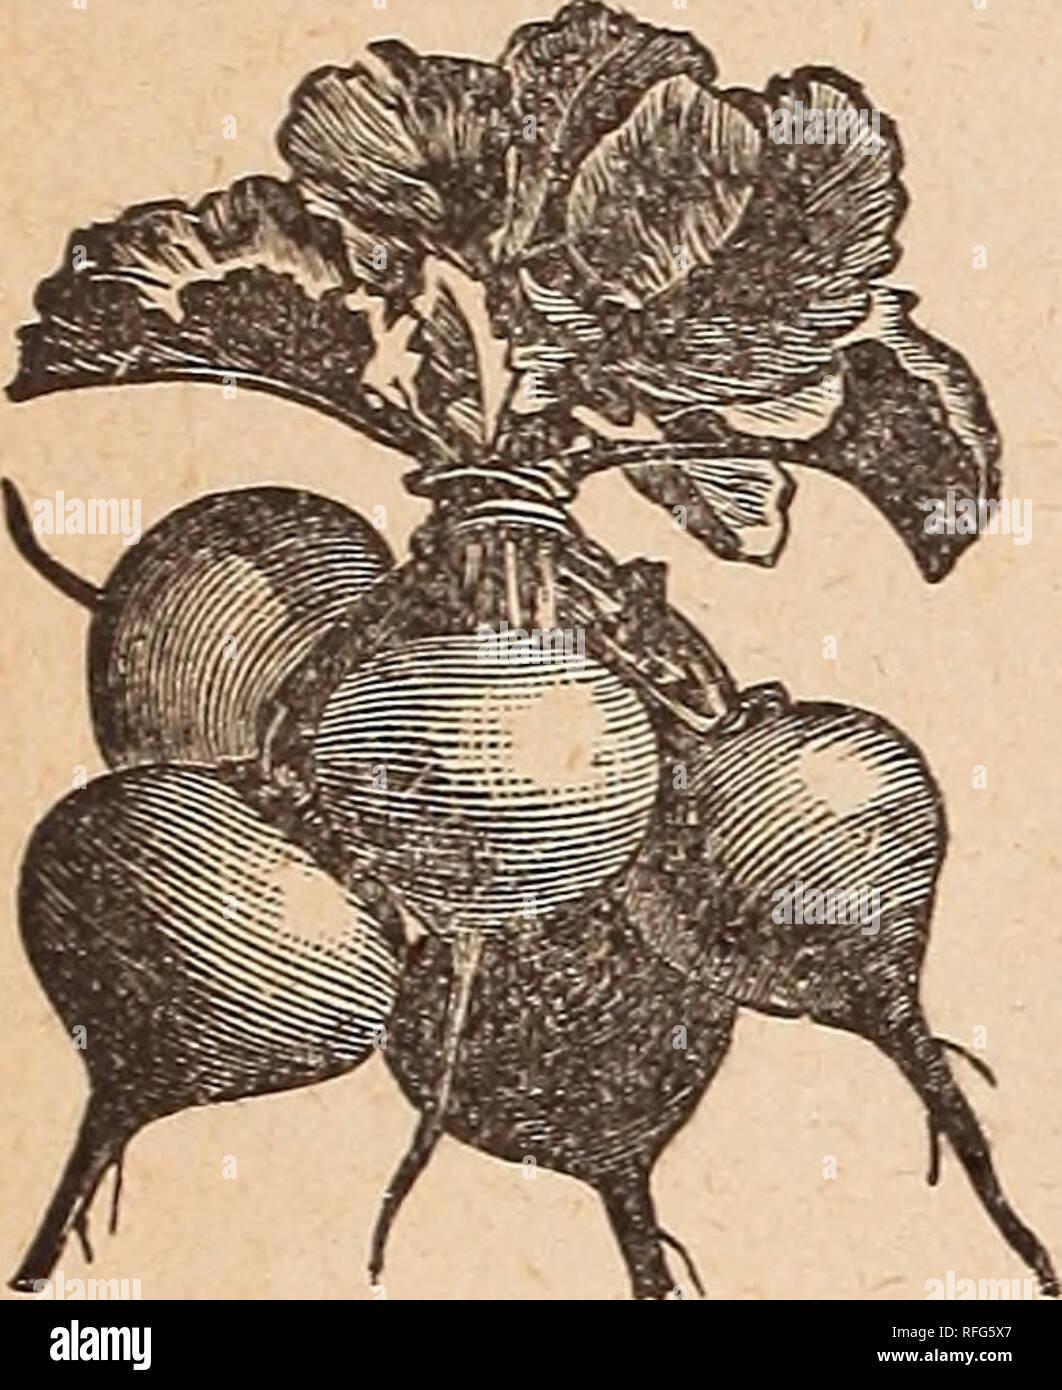 . Catálogo anual : probado y fiable, jardín, campo y semillas de flores. Viveros de Cincinnati, Ohio; catálogos Catálogos de semillas de hortalizas, semillas de gramíneas, Flores de catálogos catálogos catálogos; implementos agrícolas. 10 J. CHAS. McCTJLLOUGH, Seedsman. Rábano, continuó. Bri^hest l.ong'-Escarlata es muy temprano, que vencen en 20 a 25 días, la carne crujiente y tierno, excelente para el hogar y jardín partic- ularly deseable para el mercado, ya que vende rápidamente debido a su fina del color y la forma. 10 cts. oz.; 20 cts. Jeave<l-no se ejecuta a las semillas, tan fácilmente como los otros. 15 cls. % Lb.; 45 cts. lb. Foto de stock